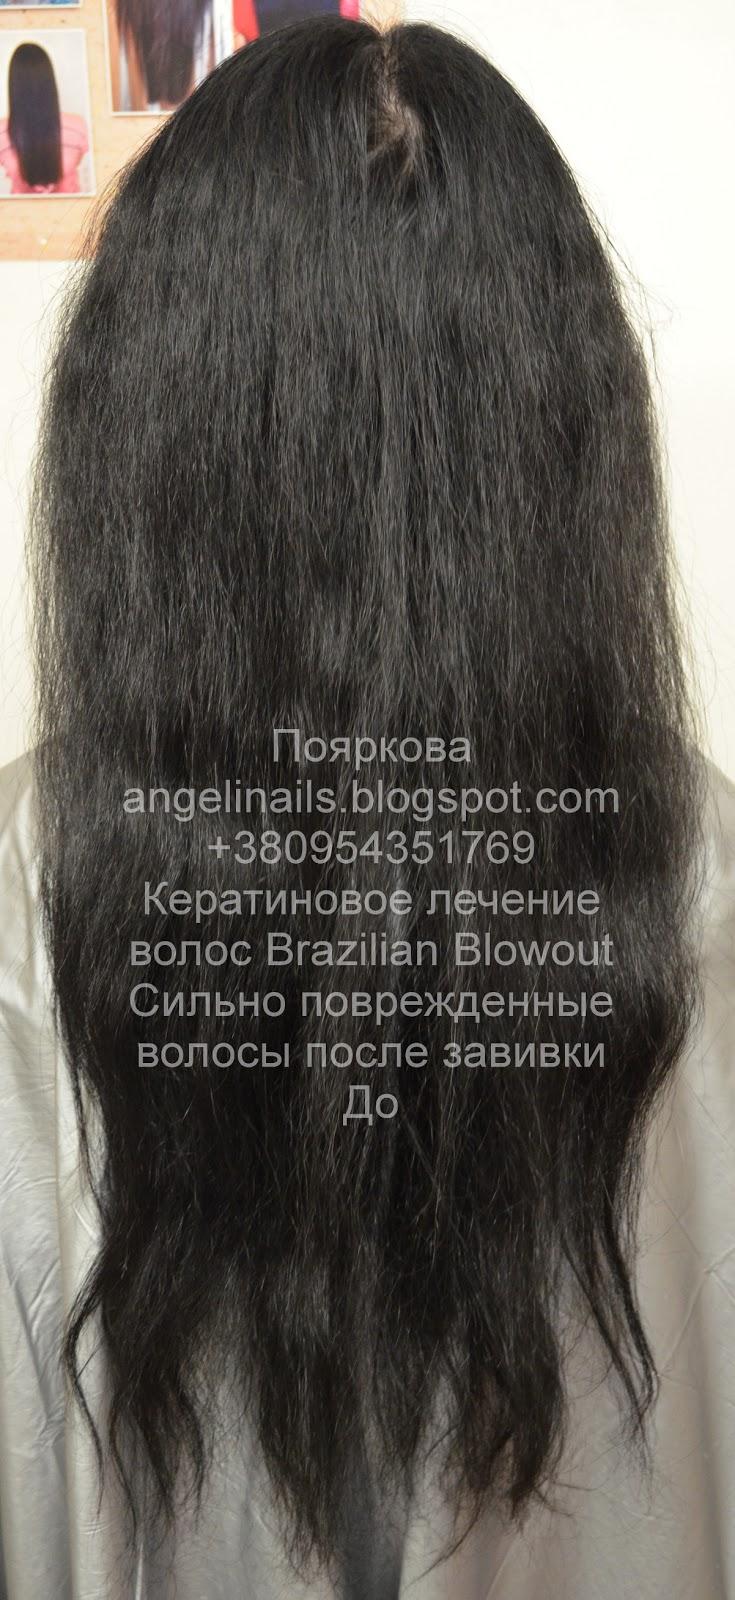 Как восстановить волосы после химической завивки? EverydayMe 83